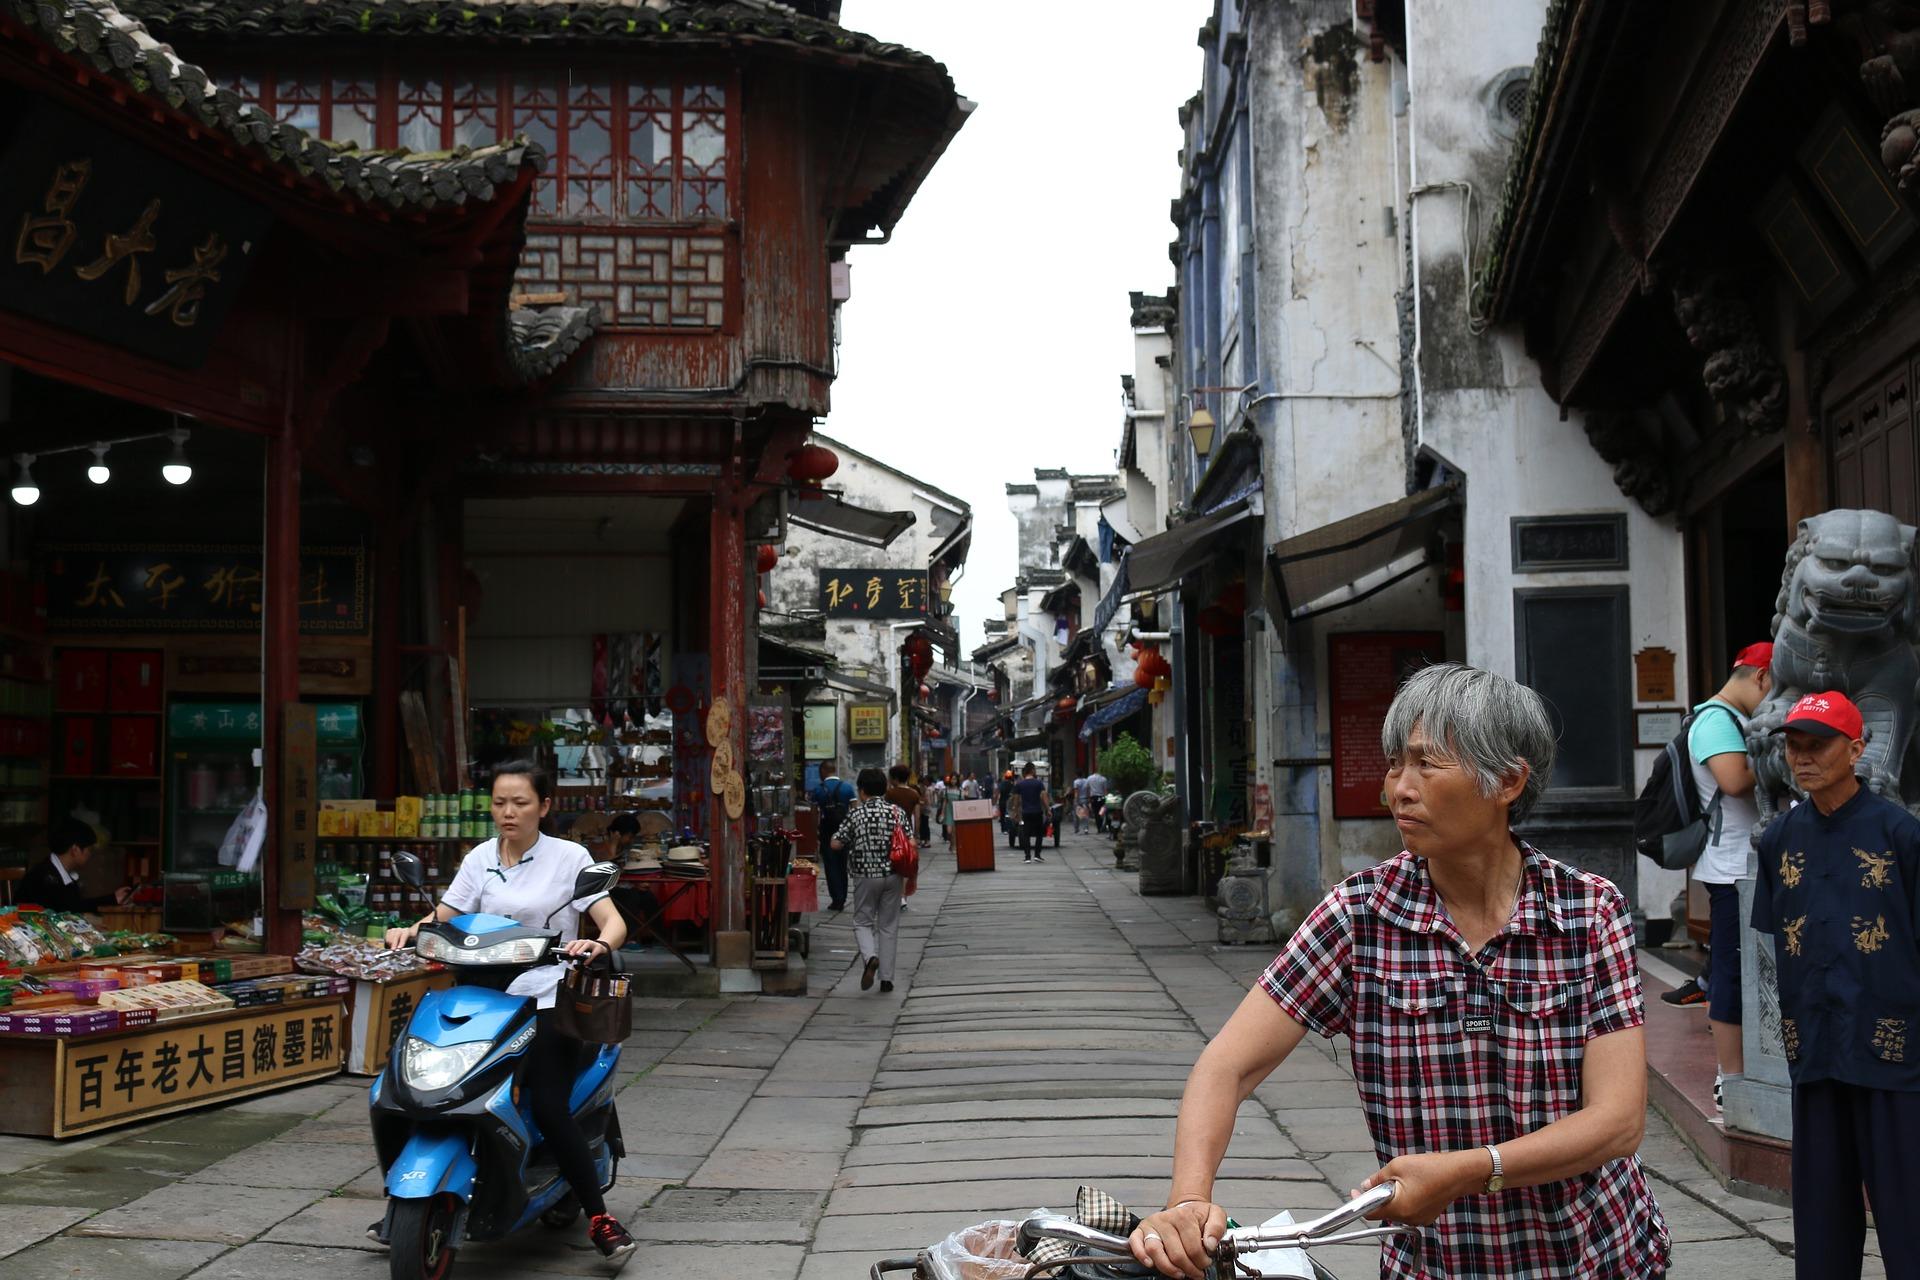 Čínská ulice